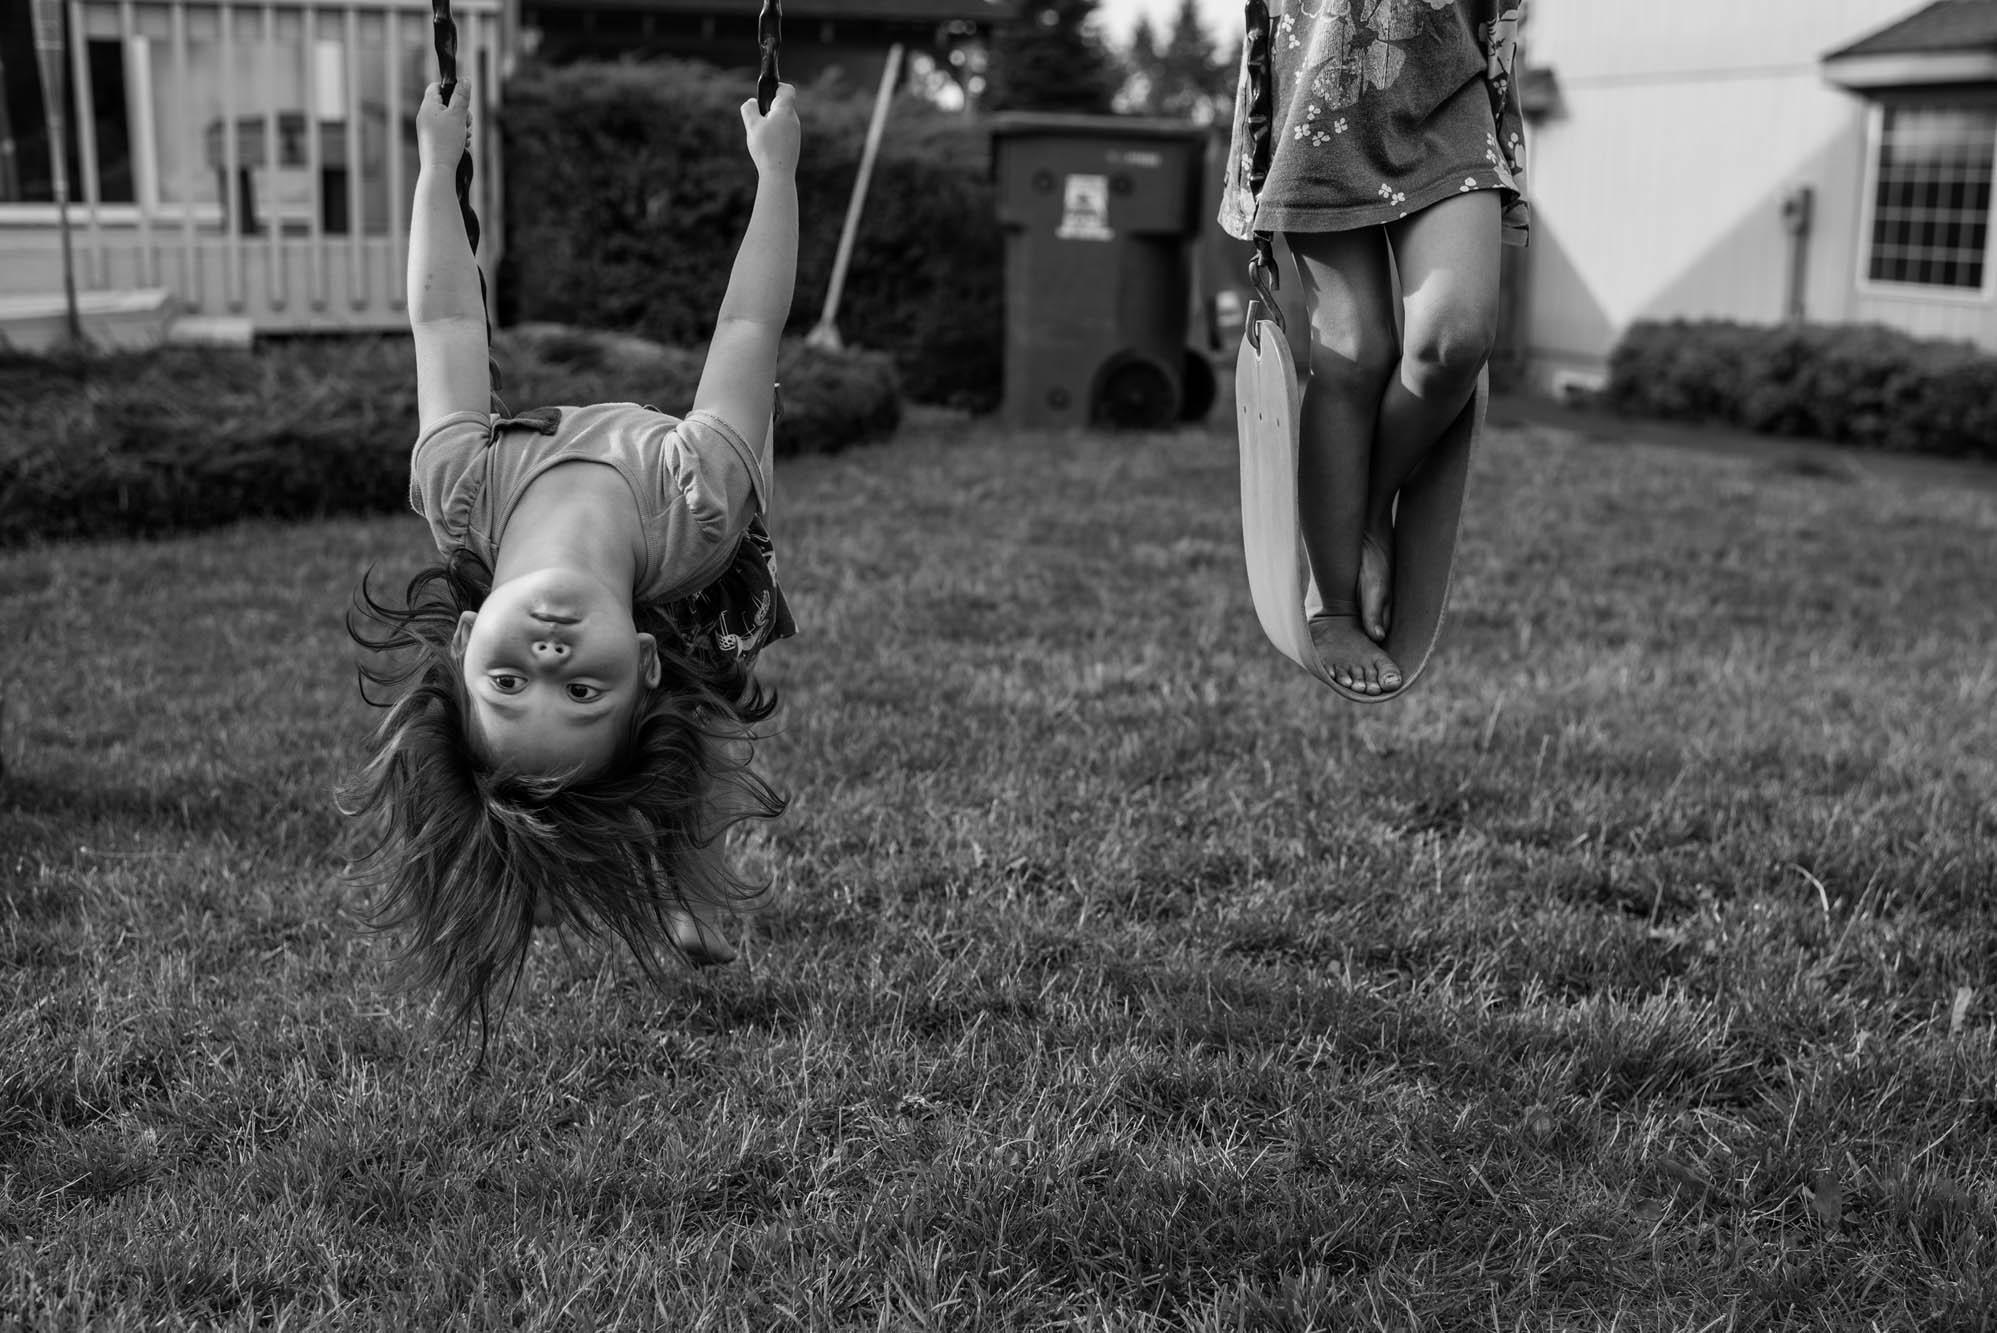 two girls on swings